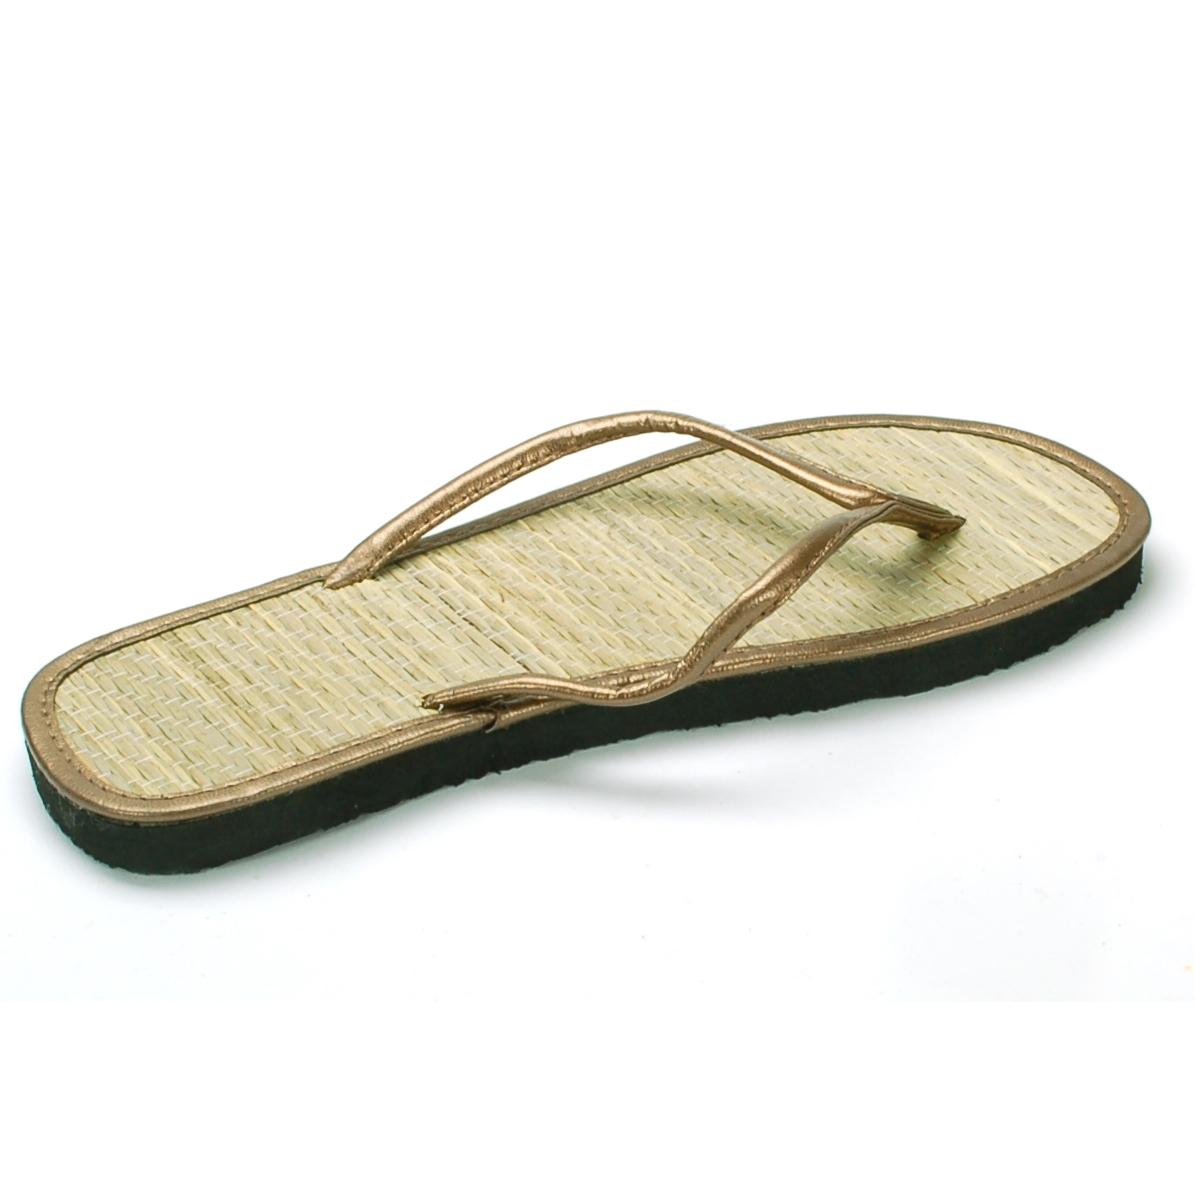 dfcb60811893 Womens Bamboo Sandal Flip Flops Light Flats Beach Summer Shoe ...